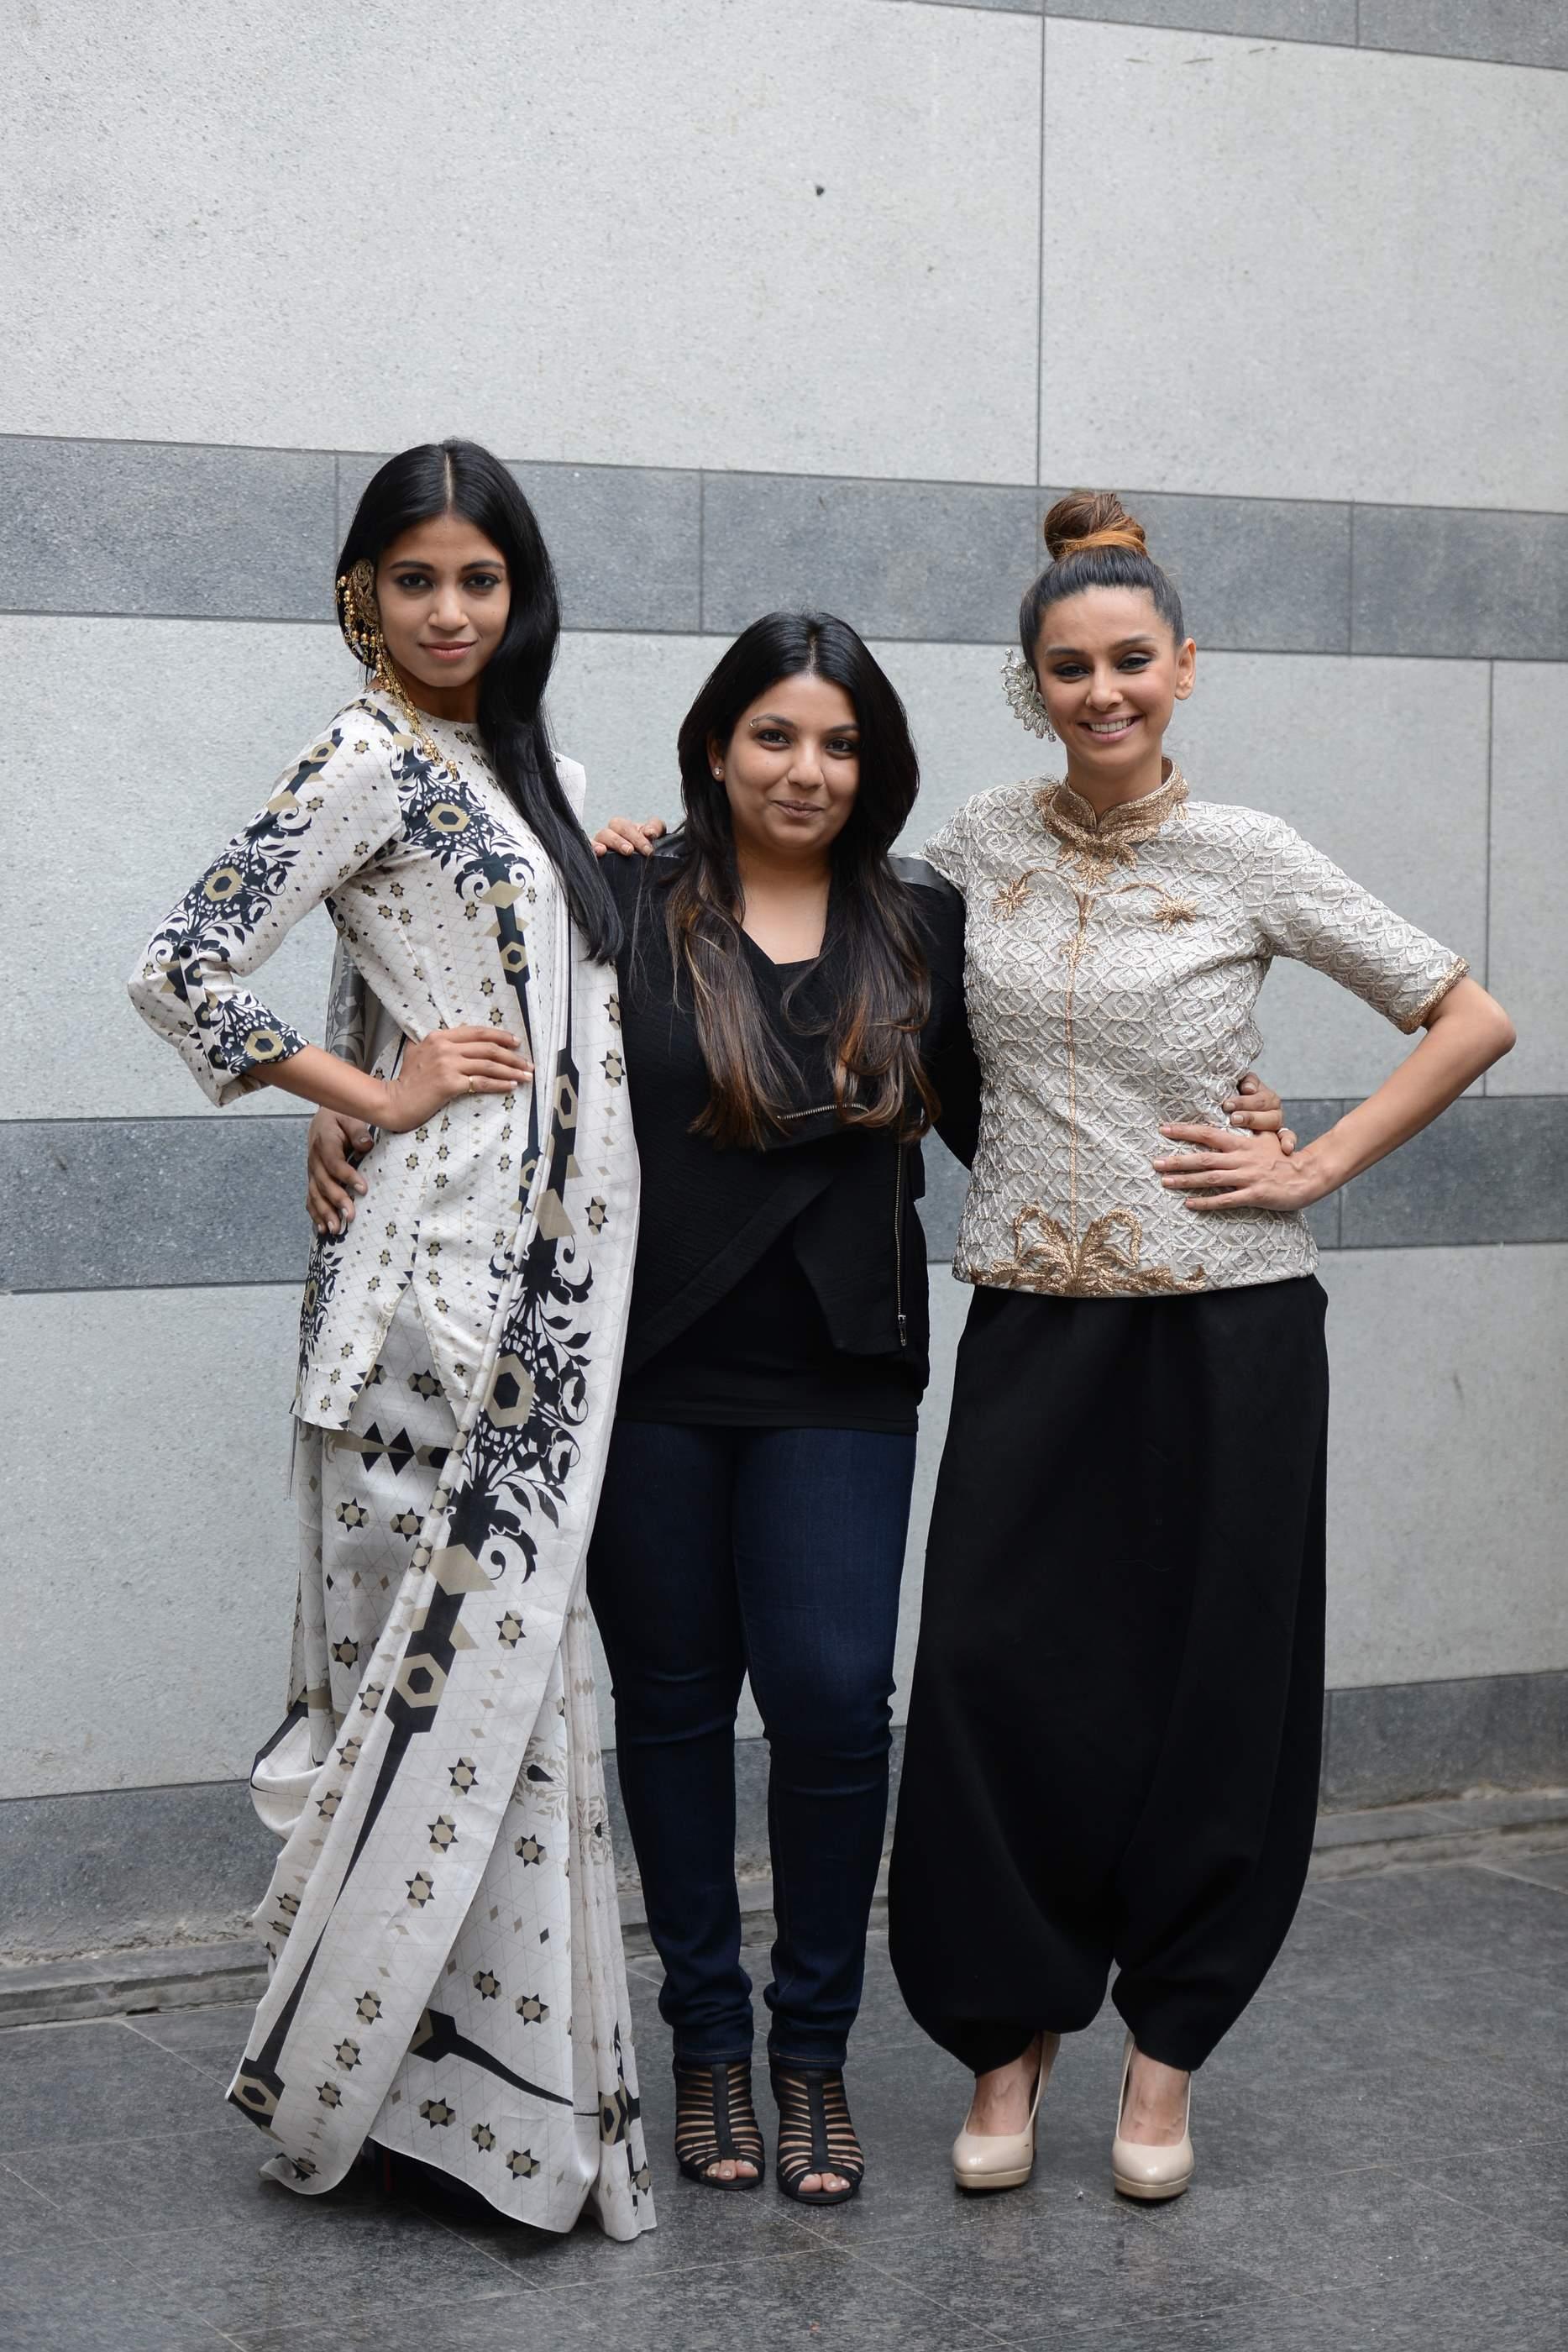 """Shibani Dandekar and Bhagyashree Raut dressed in """"Lady Sahara"""" with designer Payal Singhal"""